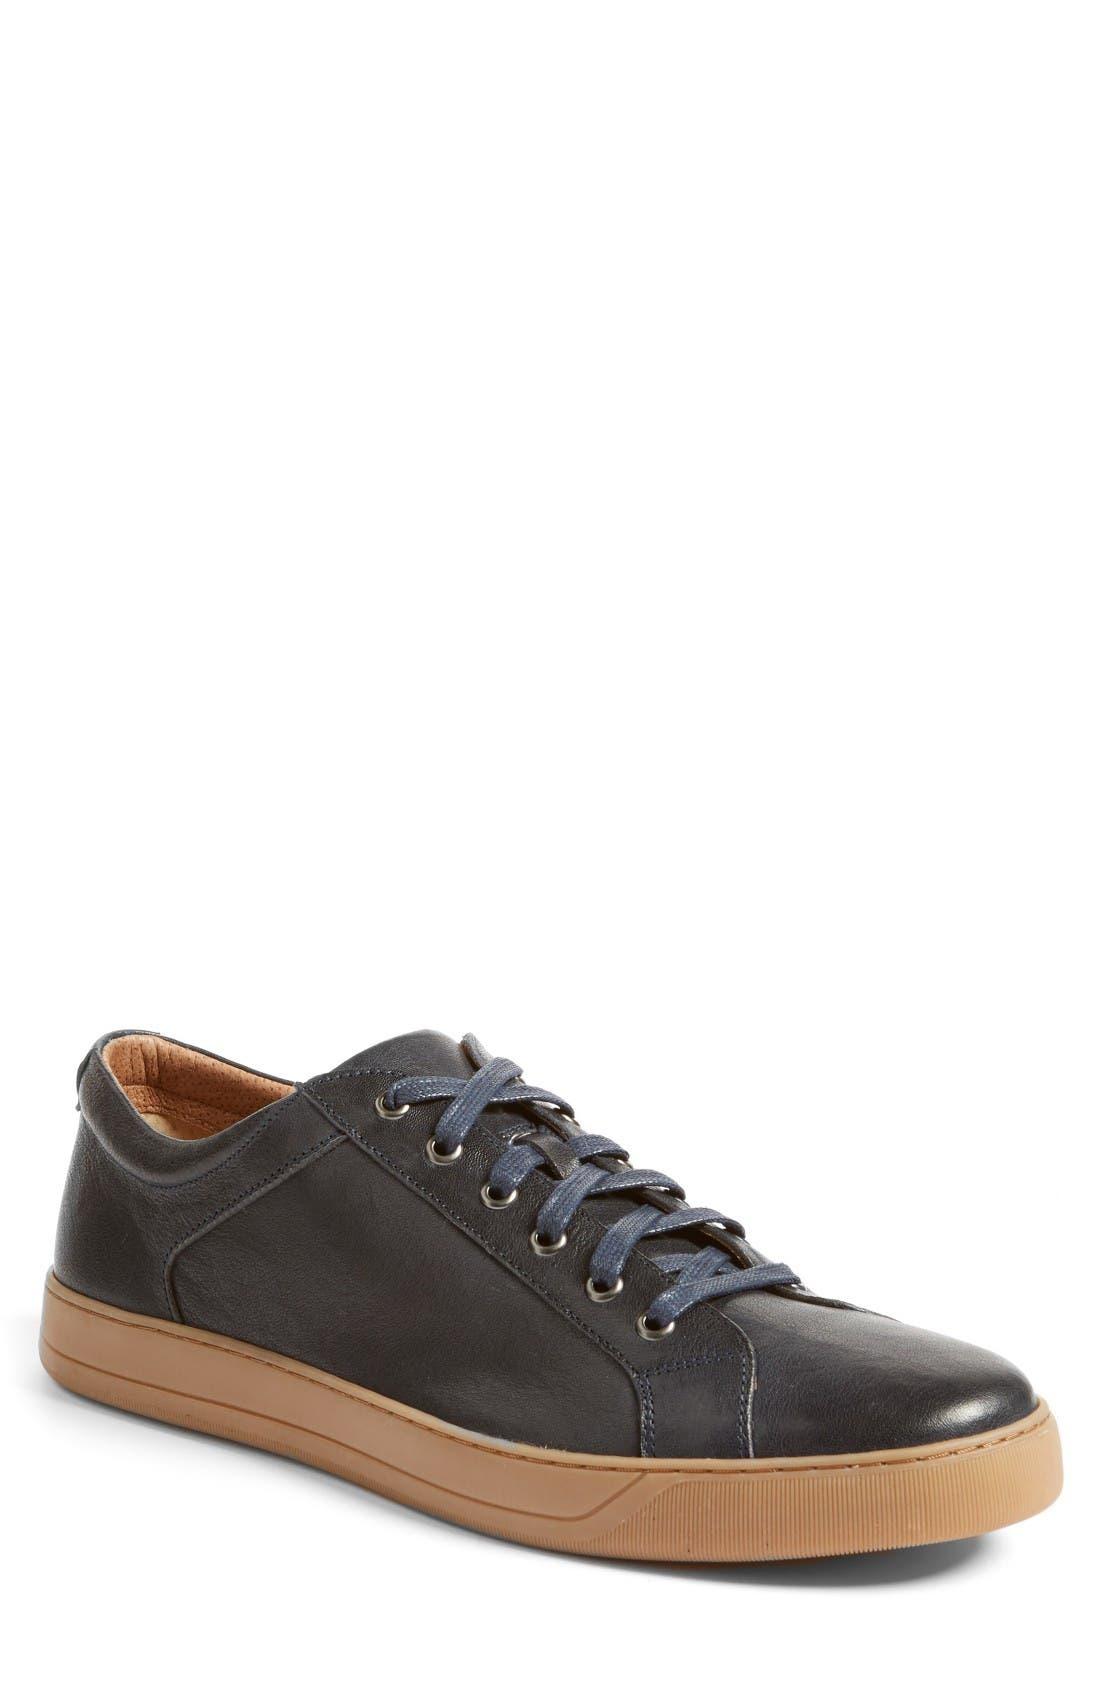 Main Image - J&M 1850 Allister Sneaker (Men)